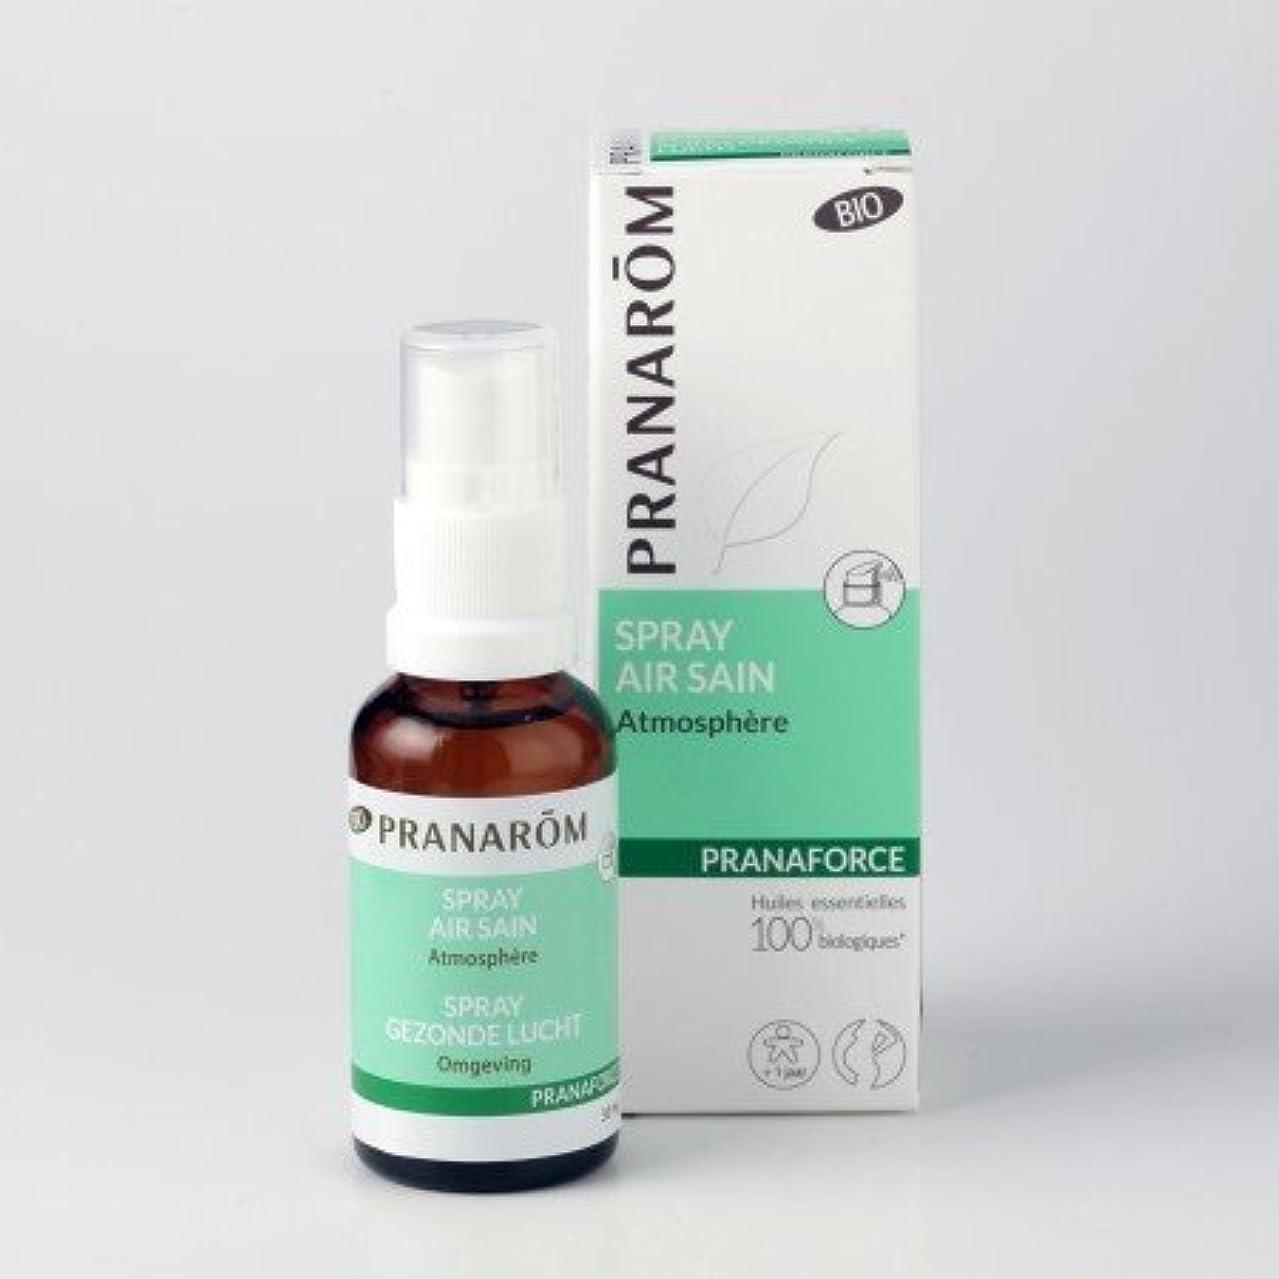 みぞれ共感する湾プラナロム (PRANAROM) ルームコロン プラナフォース?スプレー 30ml 02601 エアフレッシュナー (芳香剤)